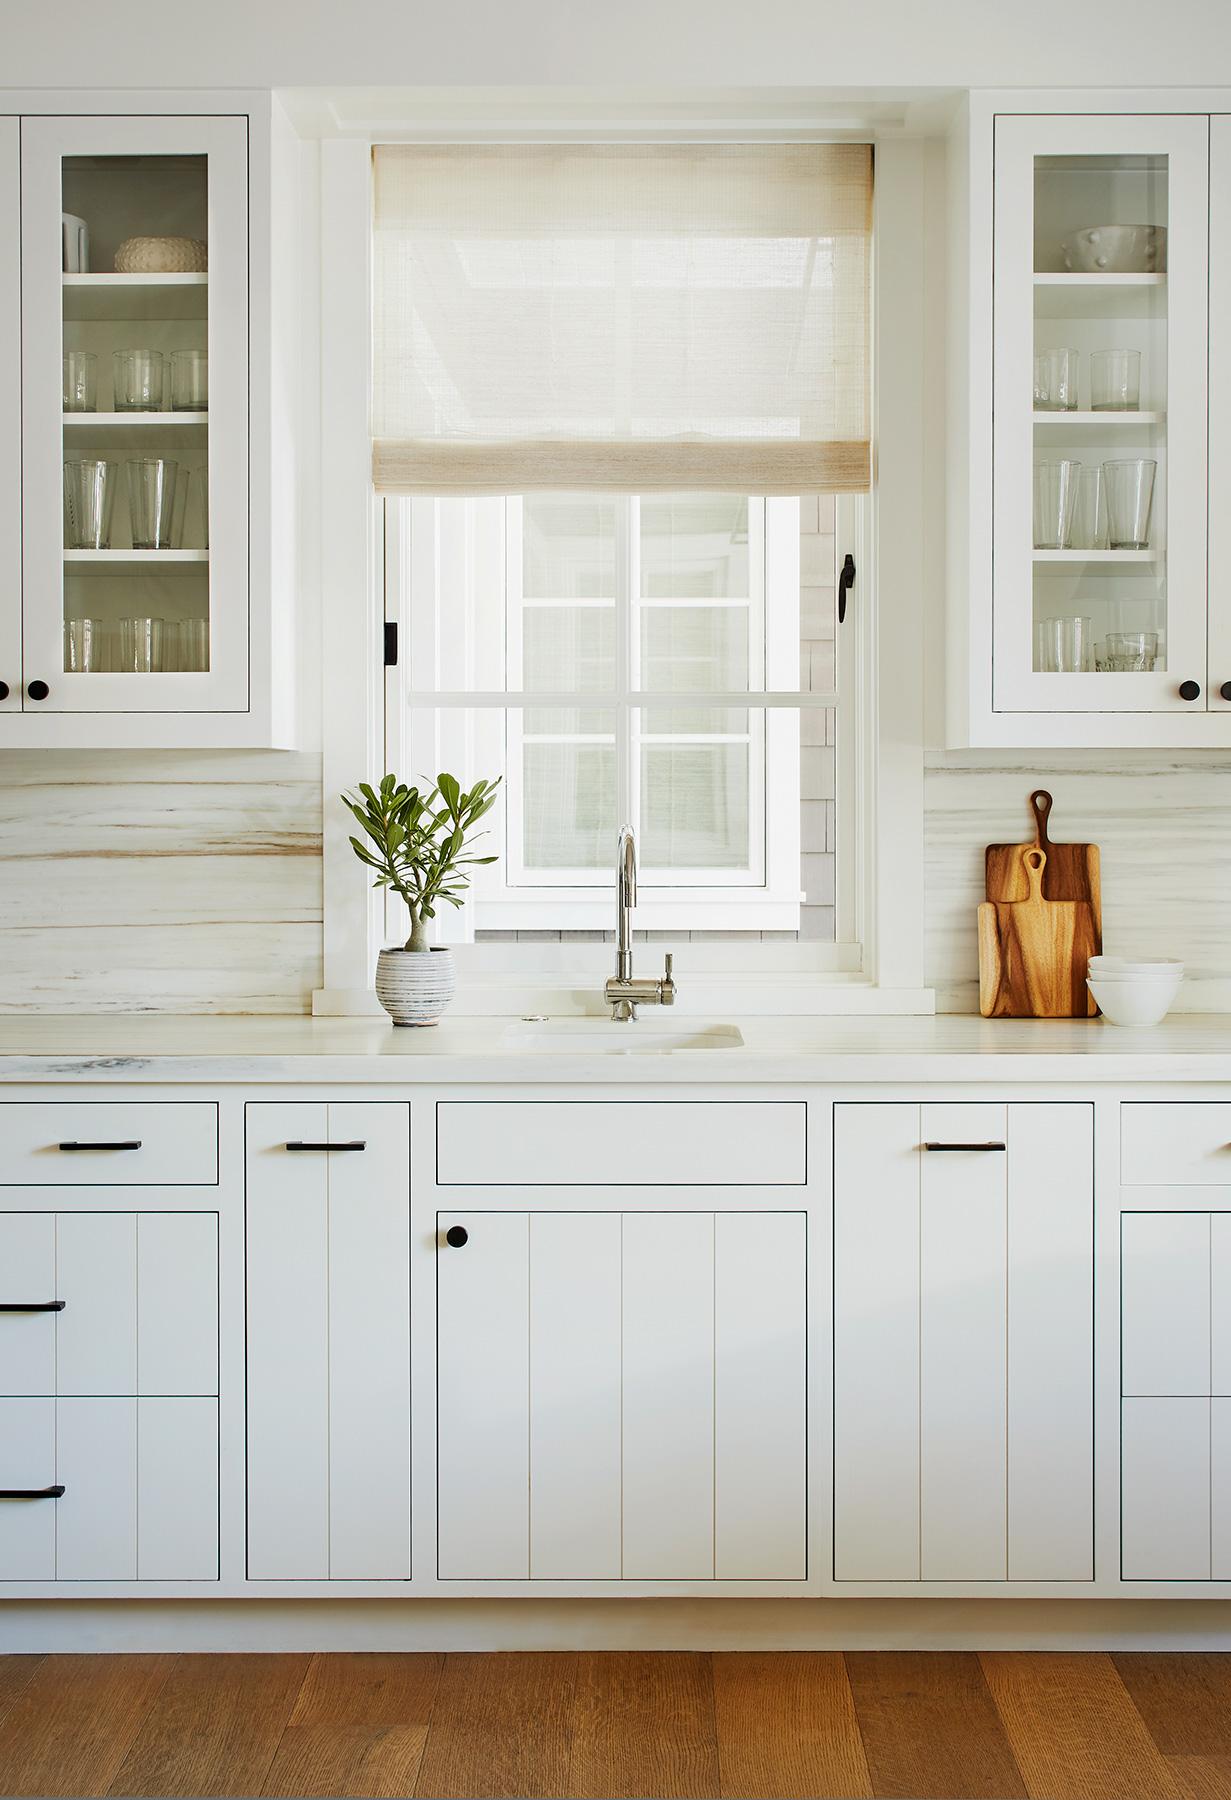 221195_Kitchen_PrepSink.jpg